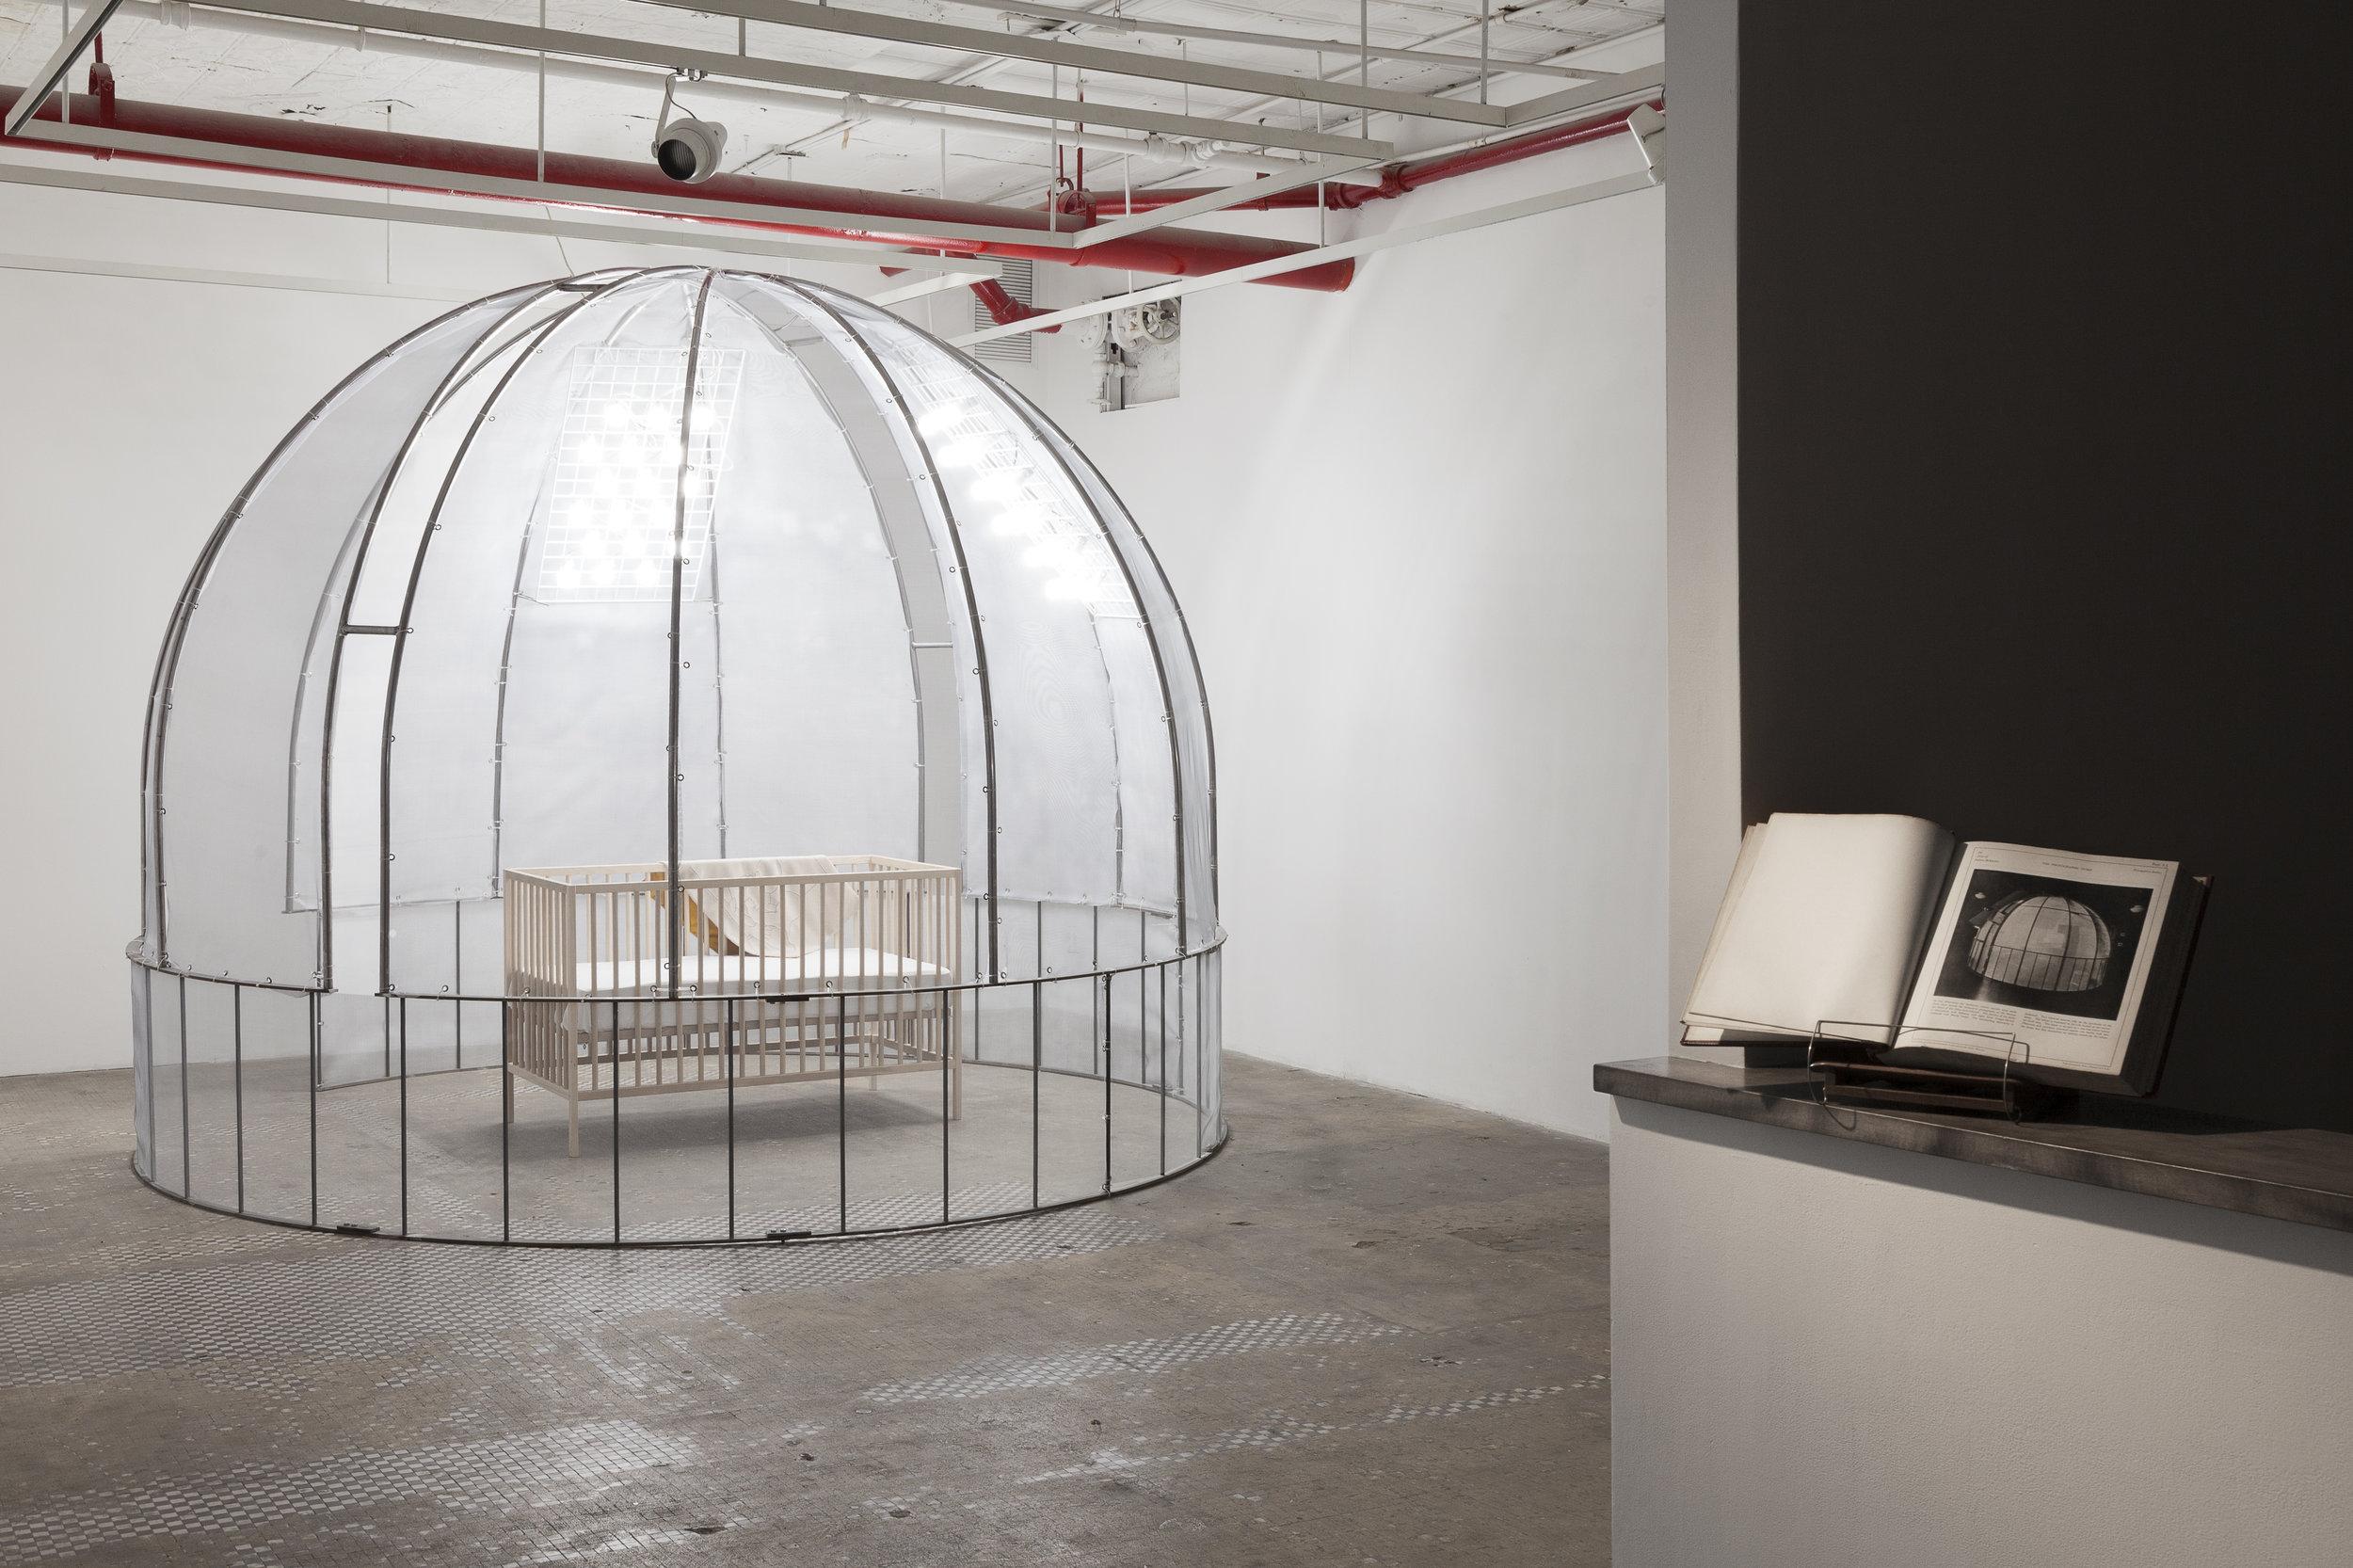 Installation view, Photo: Gustavo Murillo Fernández-Valdés